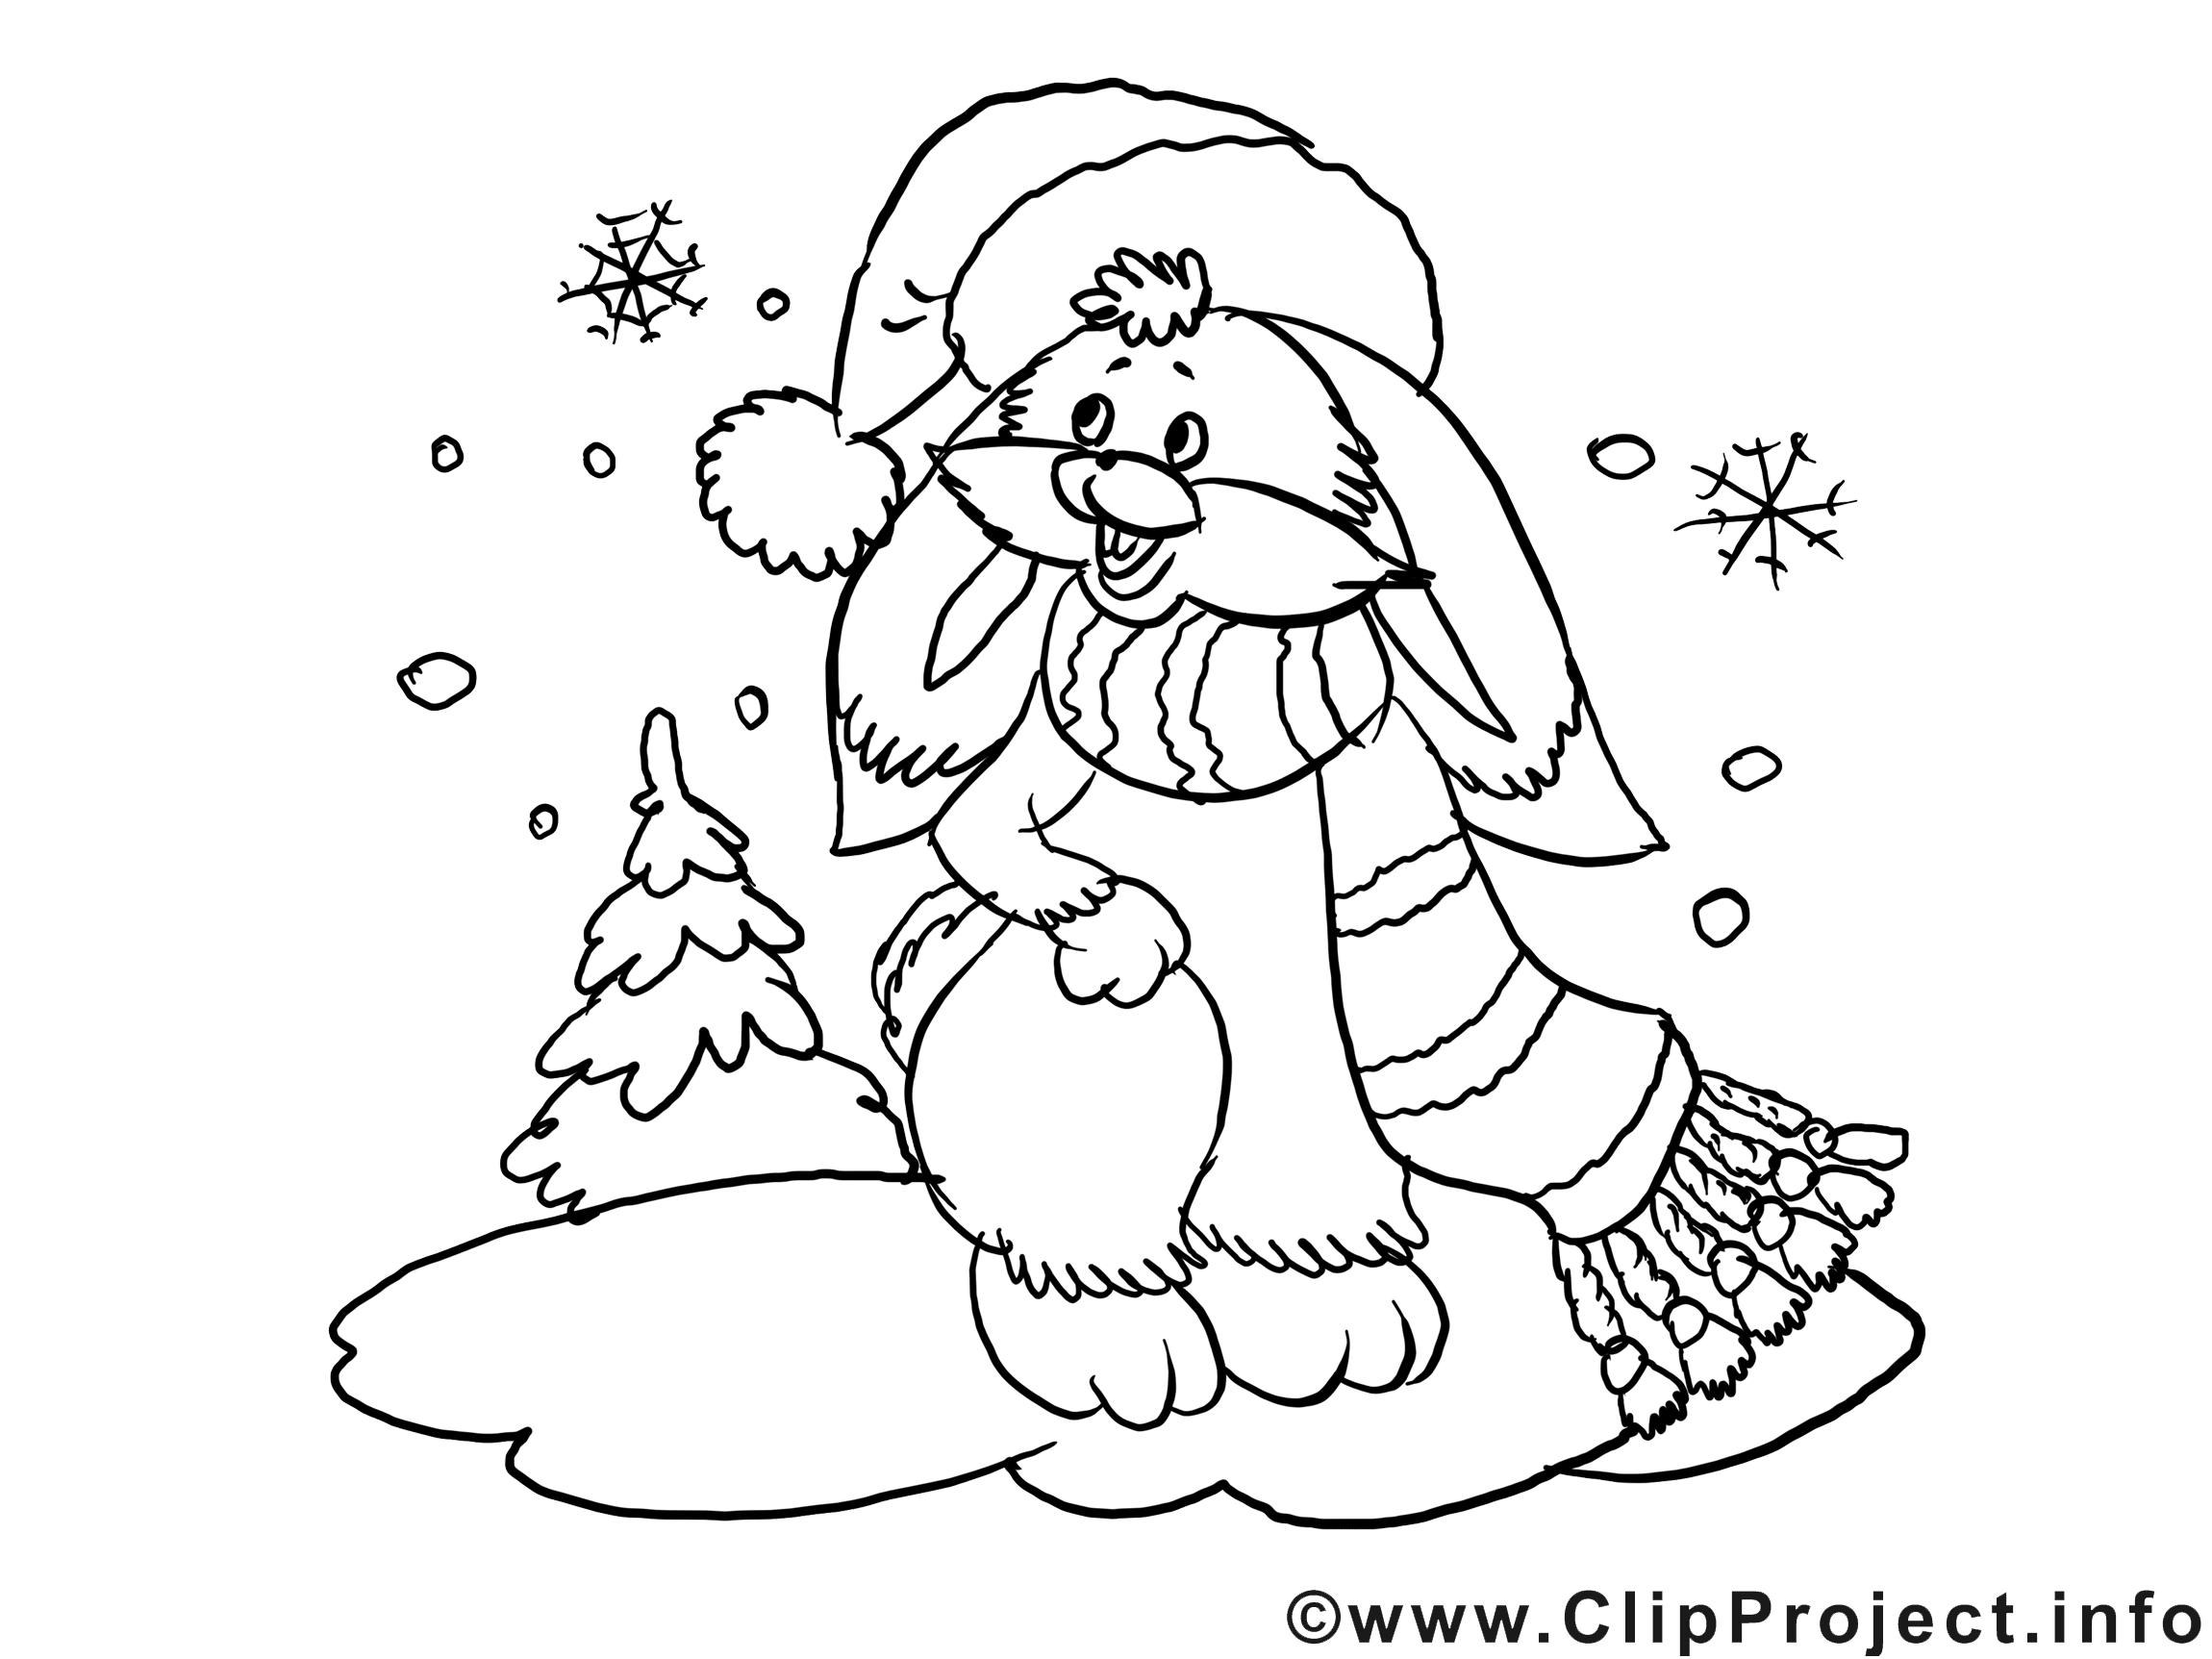 Malvorlagen Gratis Winter | Coloring And Malvorlagan für Winterlandschaft Malvorlage